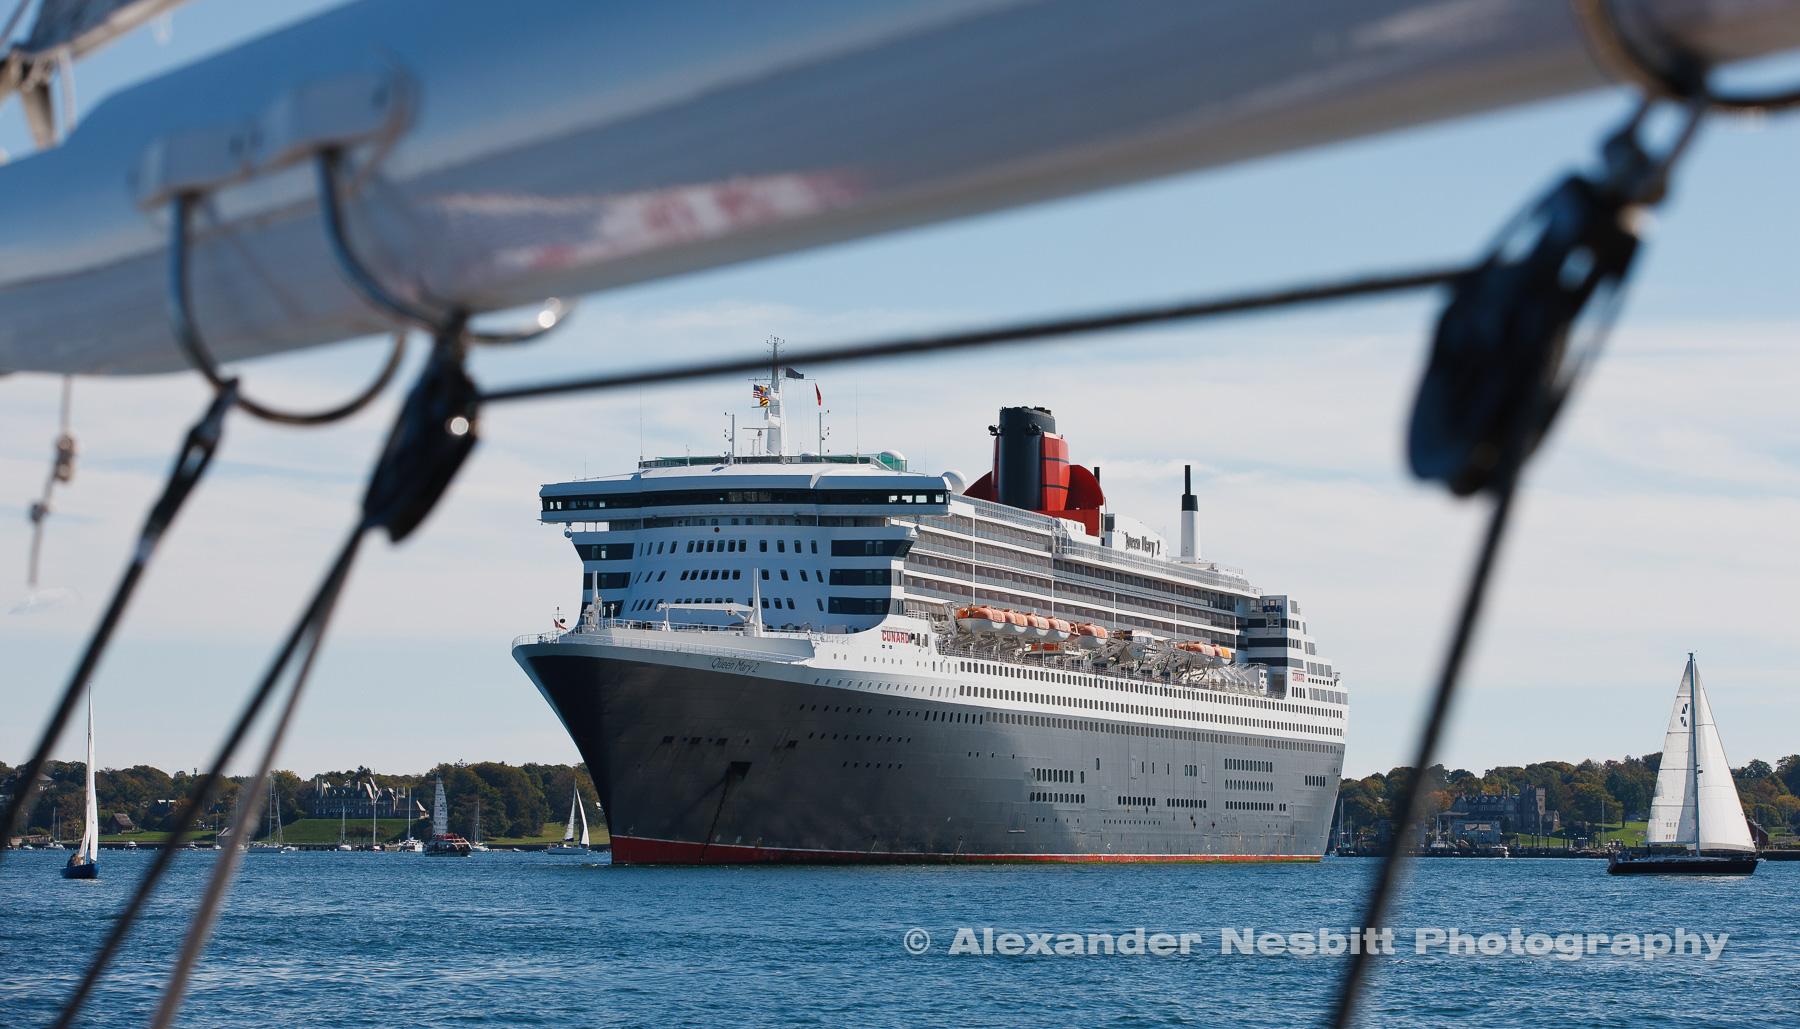 Queen Mary II in Newport